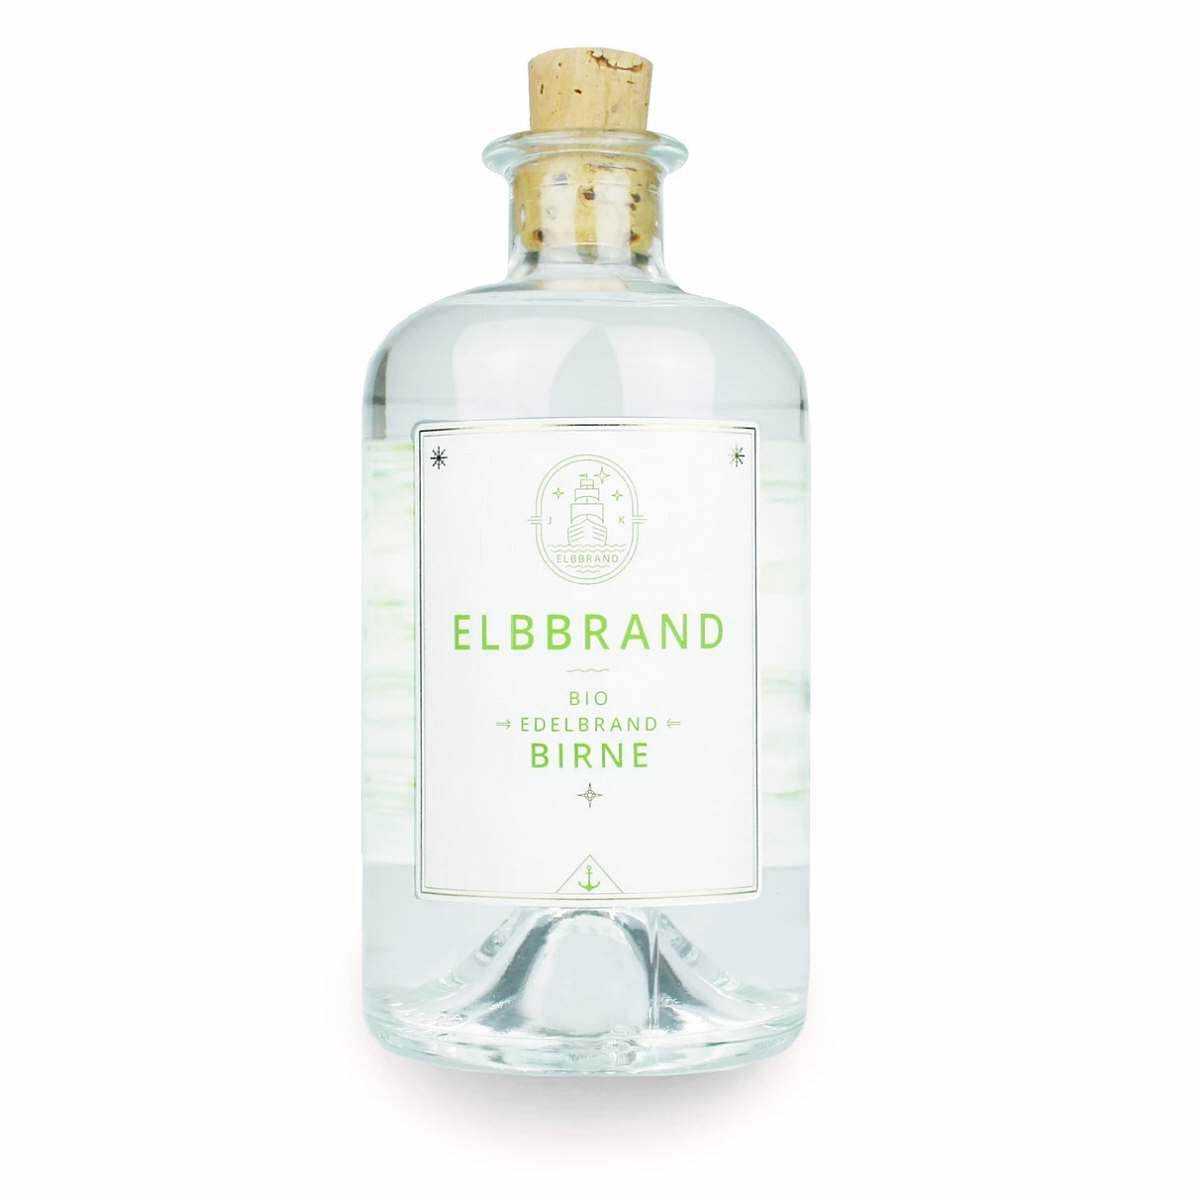 Bio Elbbrand Birnenbrand